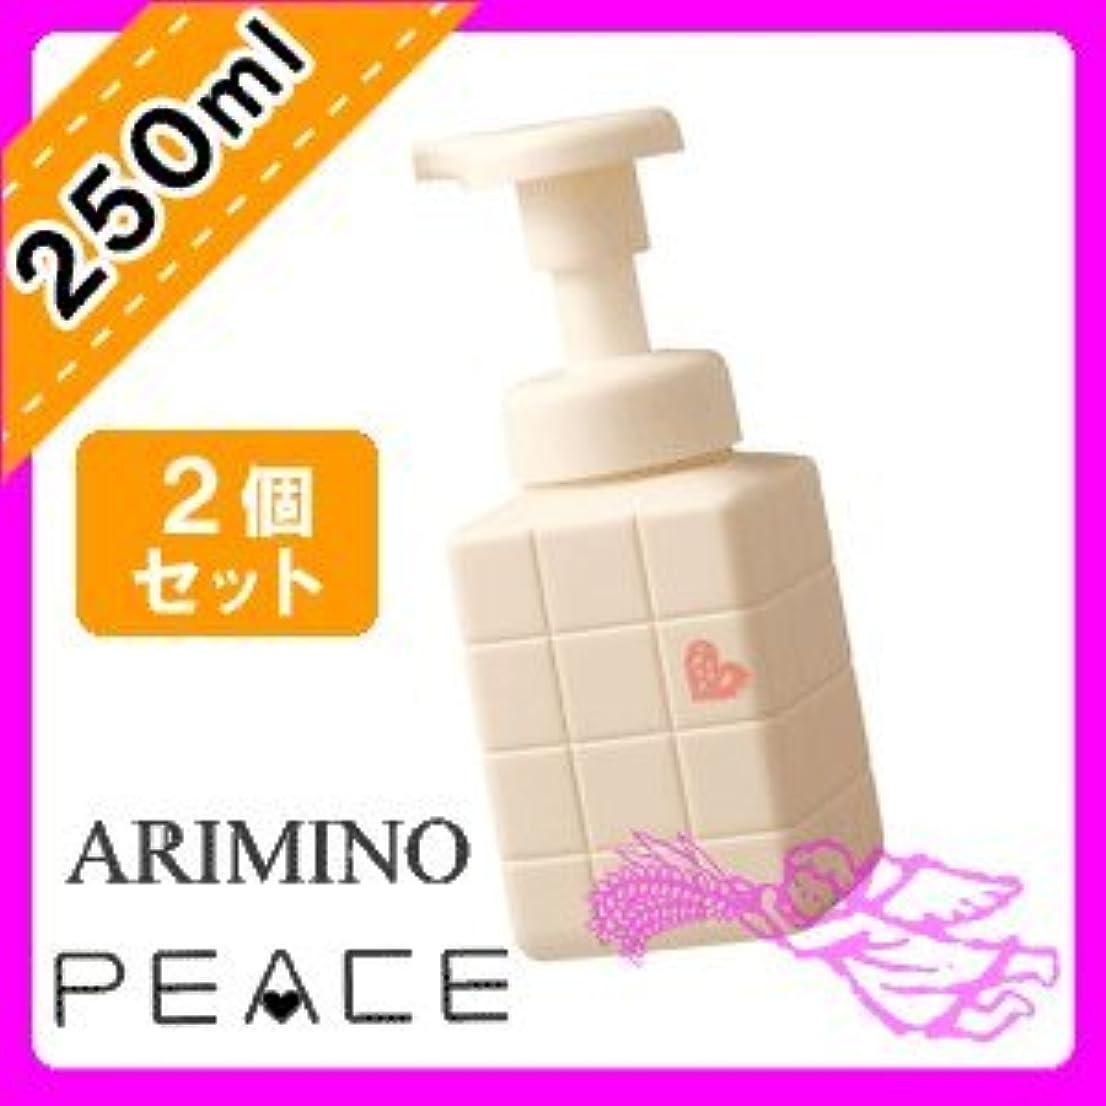 メンタル登場キノコアリミノ ピース ホイップワックス PEACE ナチュラルウェーブ ホイップ250mL ×2個 セット arimino PEACE